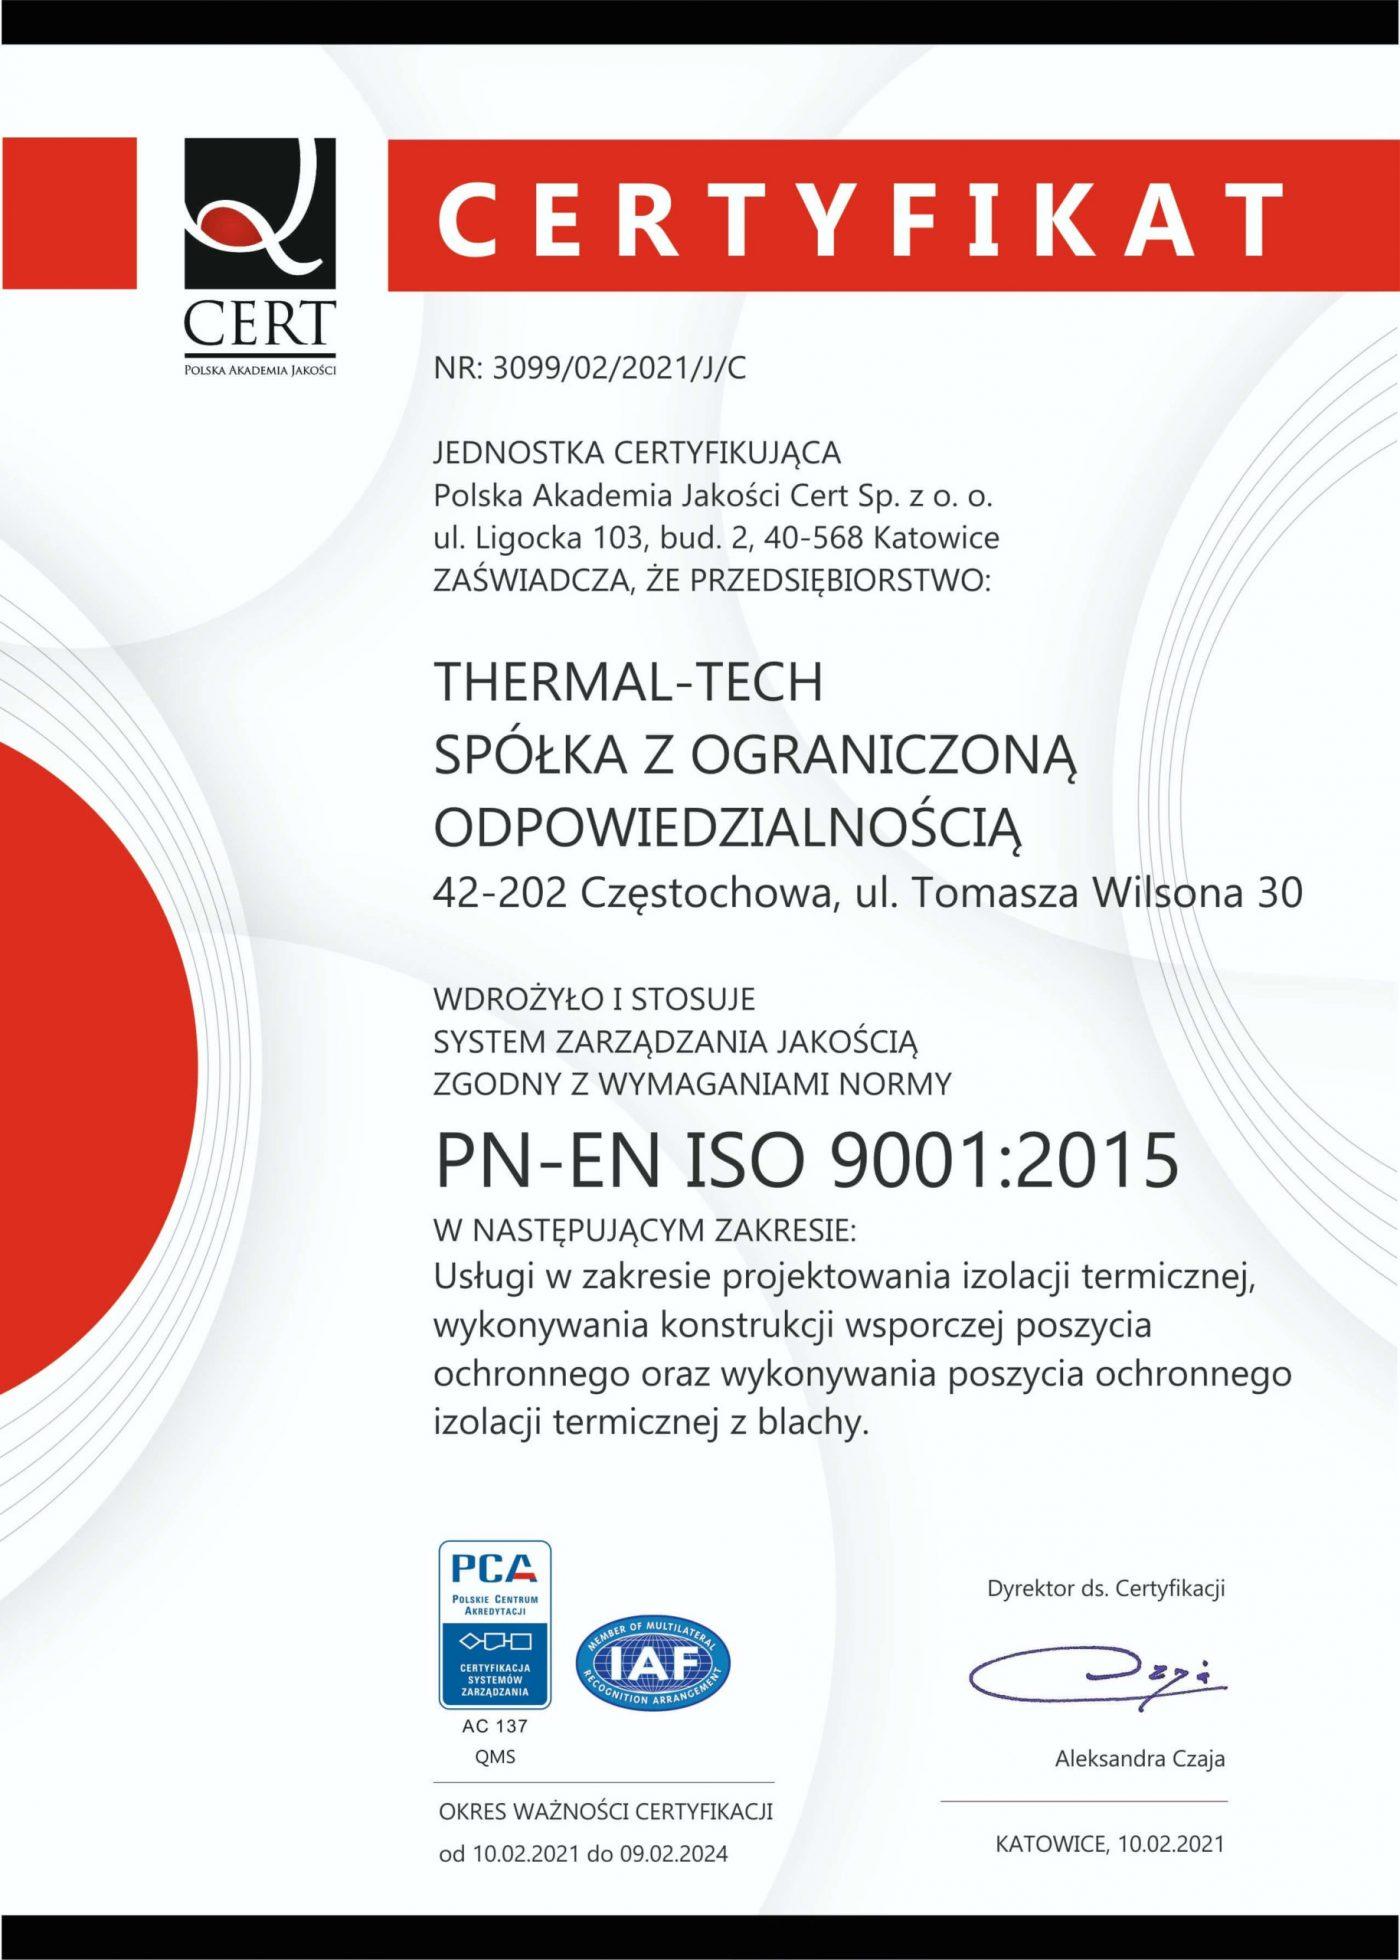 Certyfikat Polskiej Akademii Jakości Cert.